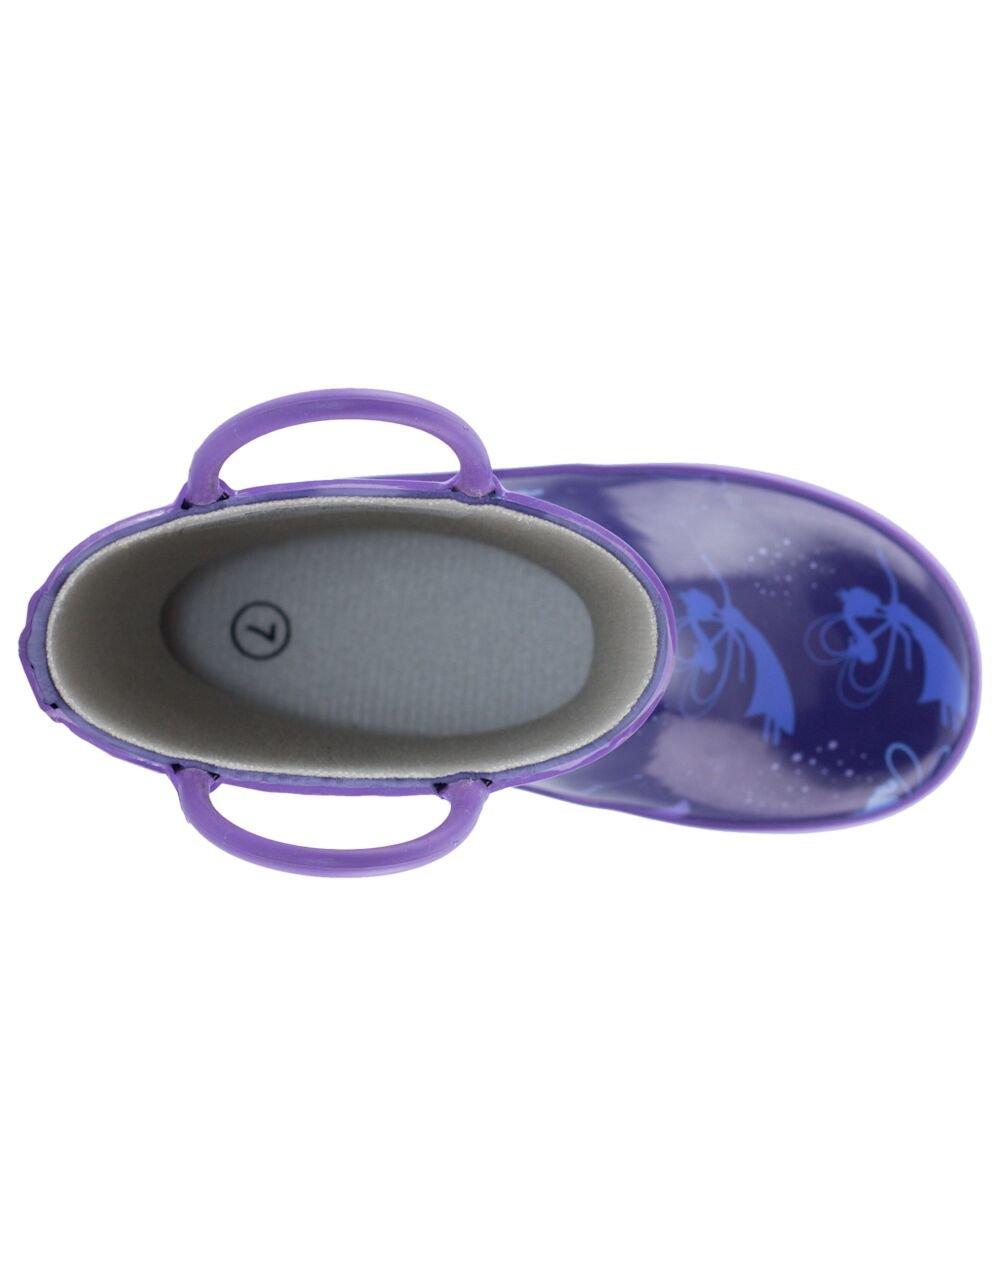 Oakiwear Kids Rubber Rain Boots with Easy-On Handles, Fairy Dust, 1Y US Little Kid by Oakiwear (Image #9)